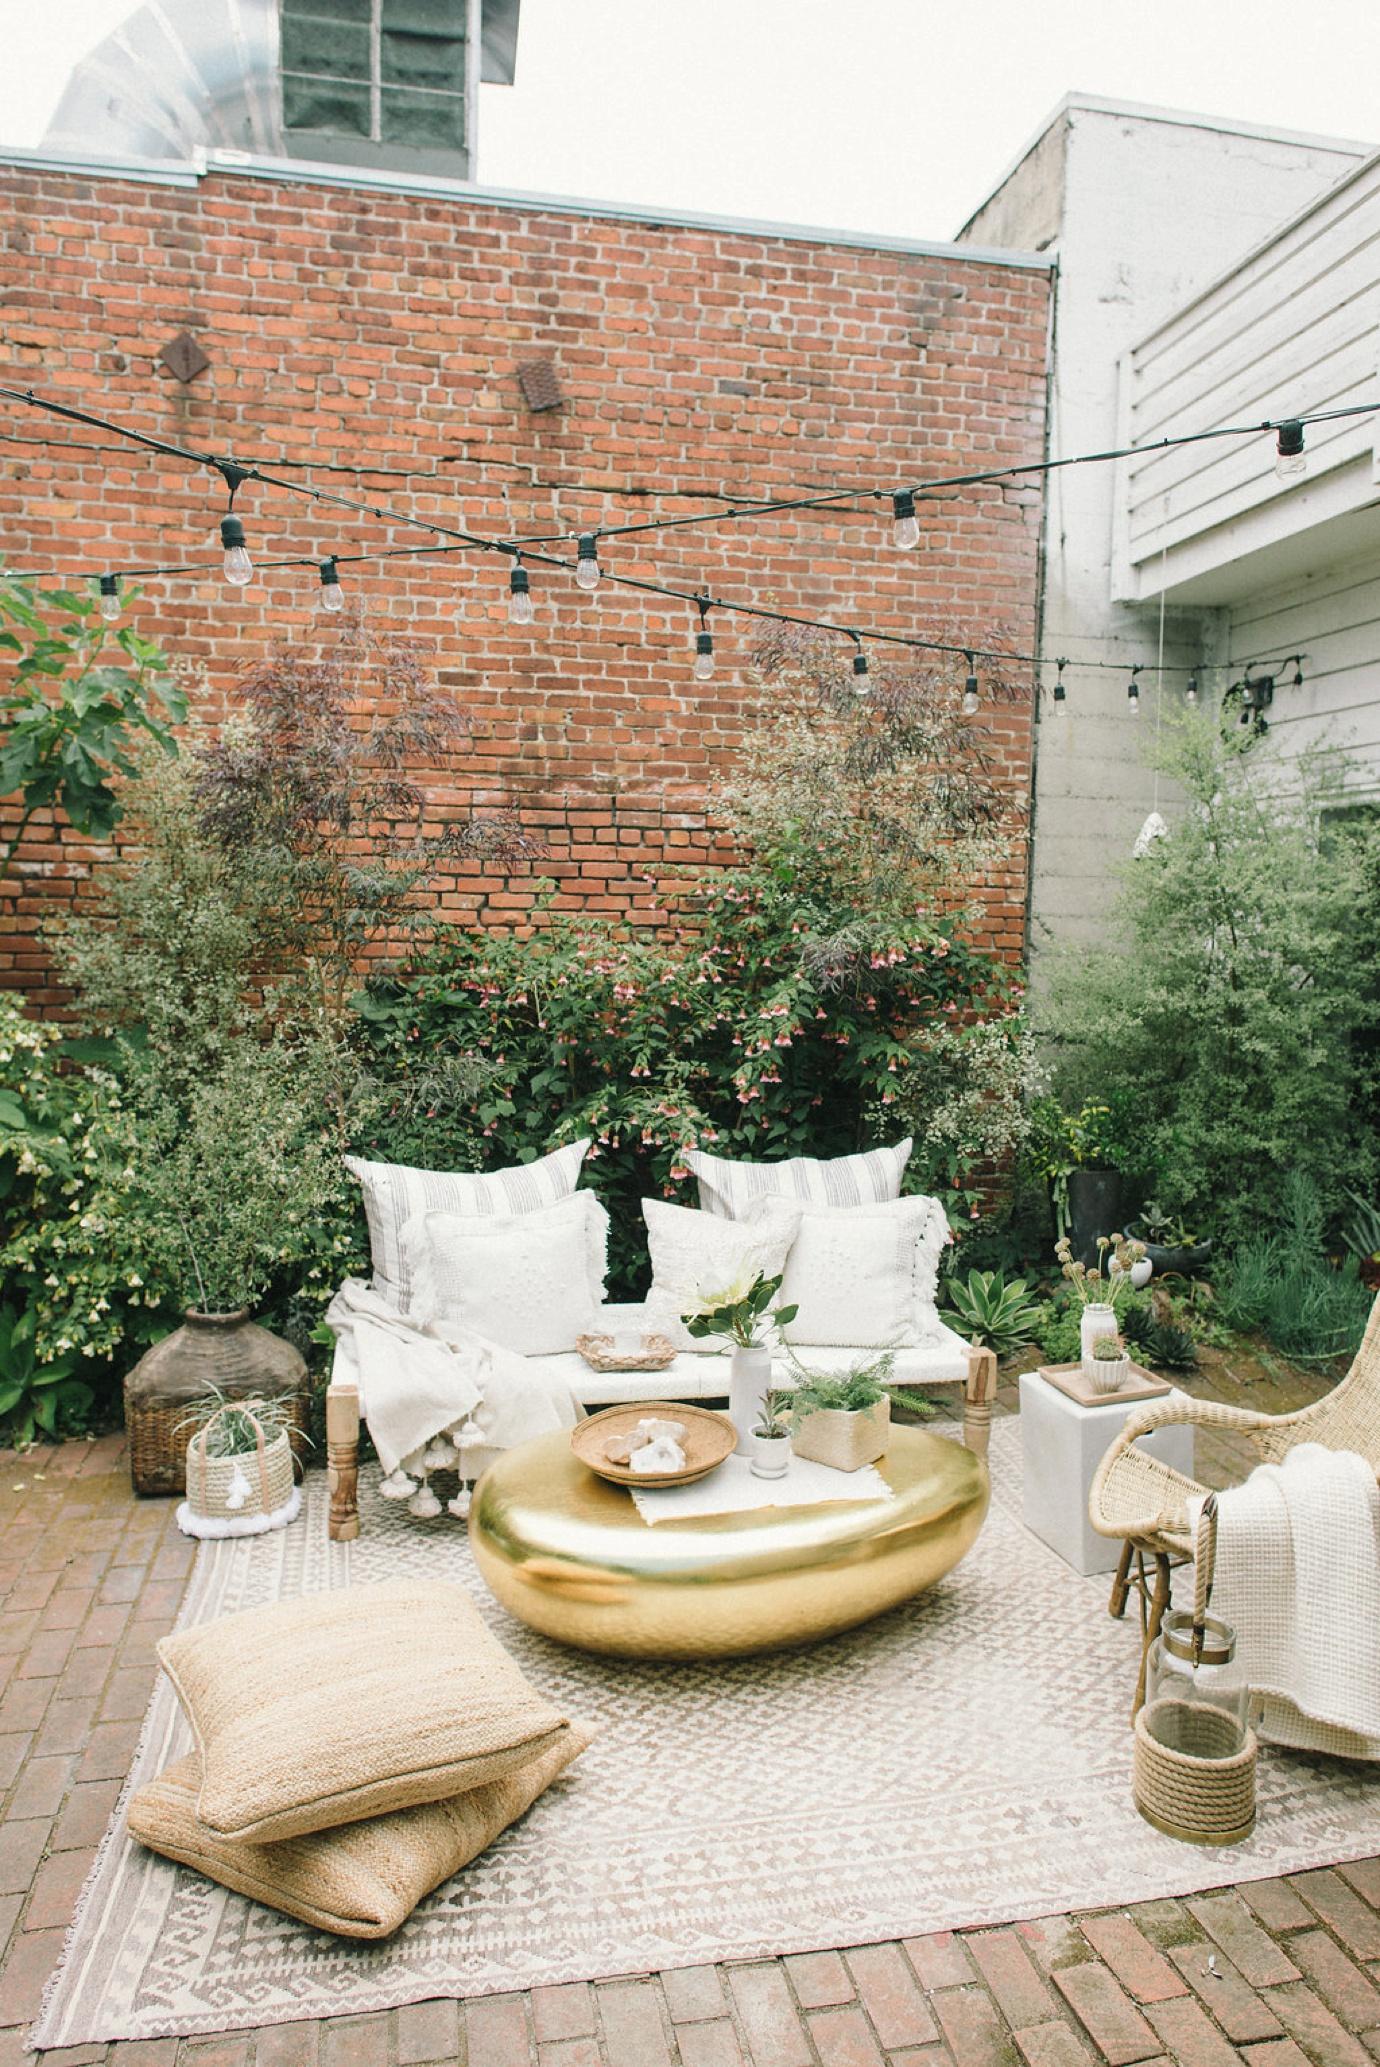 En panne d 39 inspiration pour d corer votre terrasse jetez un oeil notre s lection des 18 - Decorer une terras ...